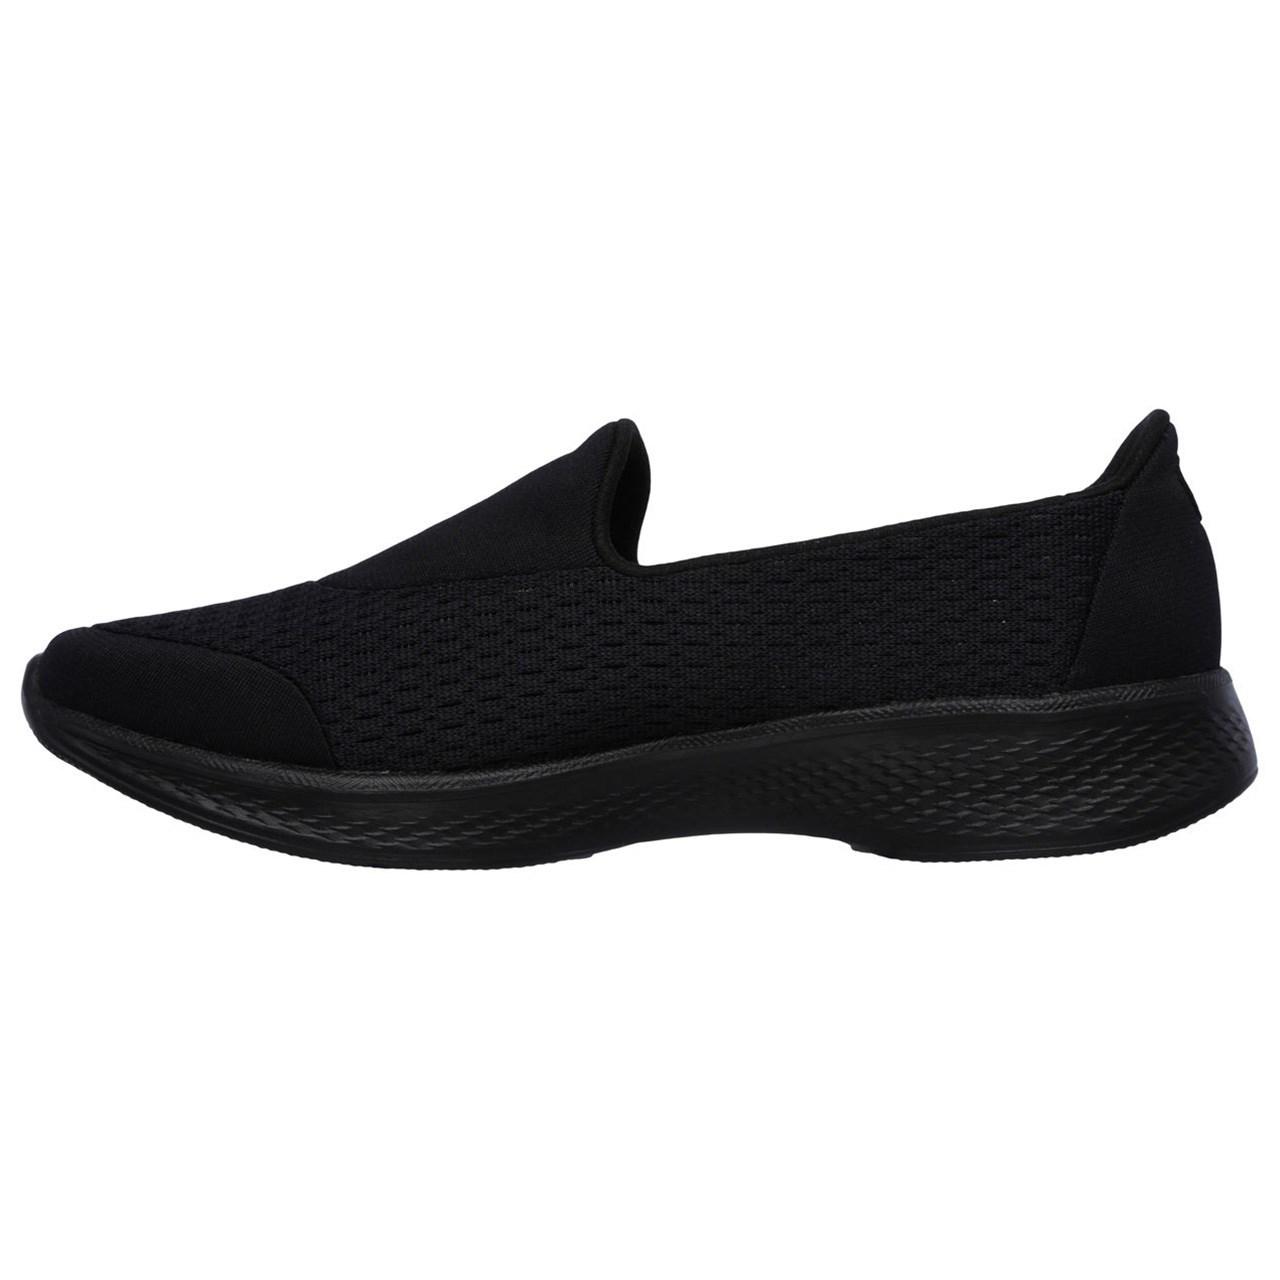 کفش مخصوص پیاده روی زنانه اسکچرز مدل Go Walk 4